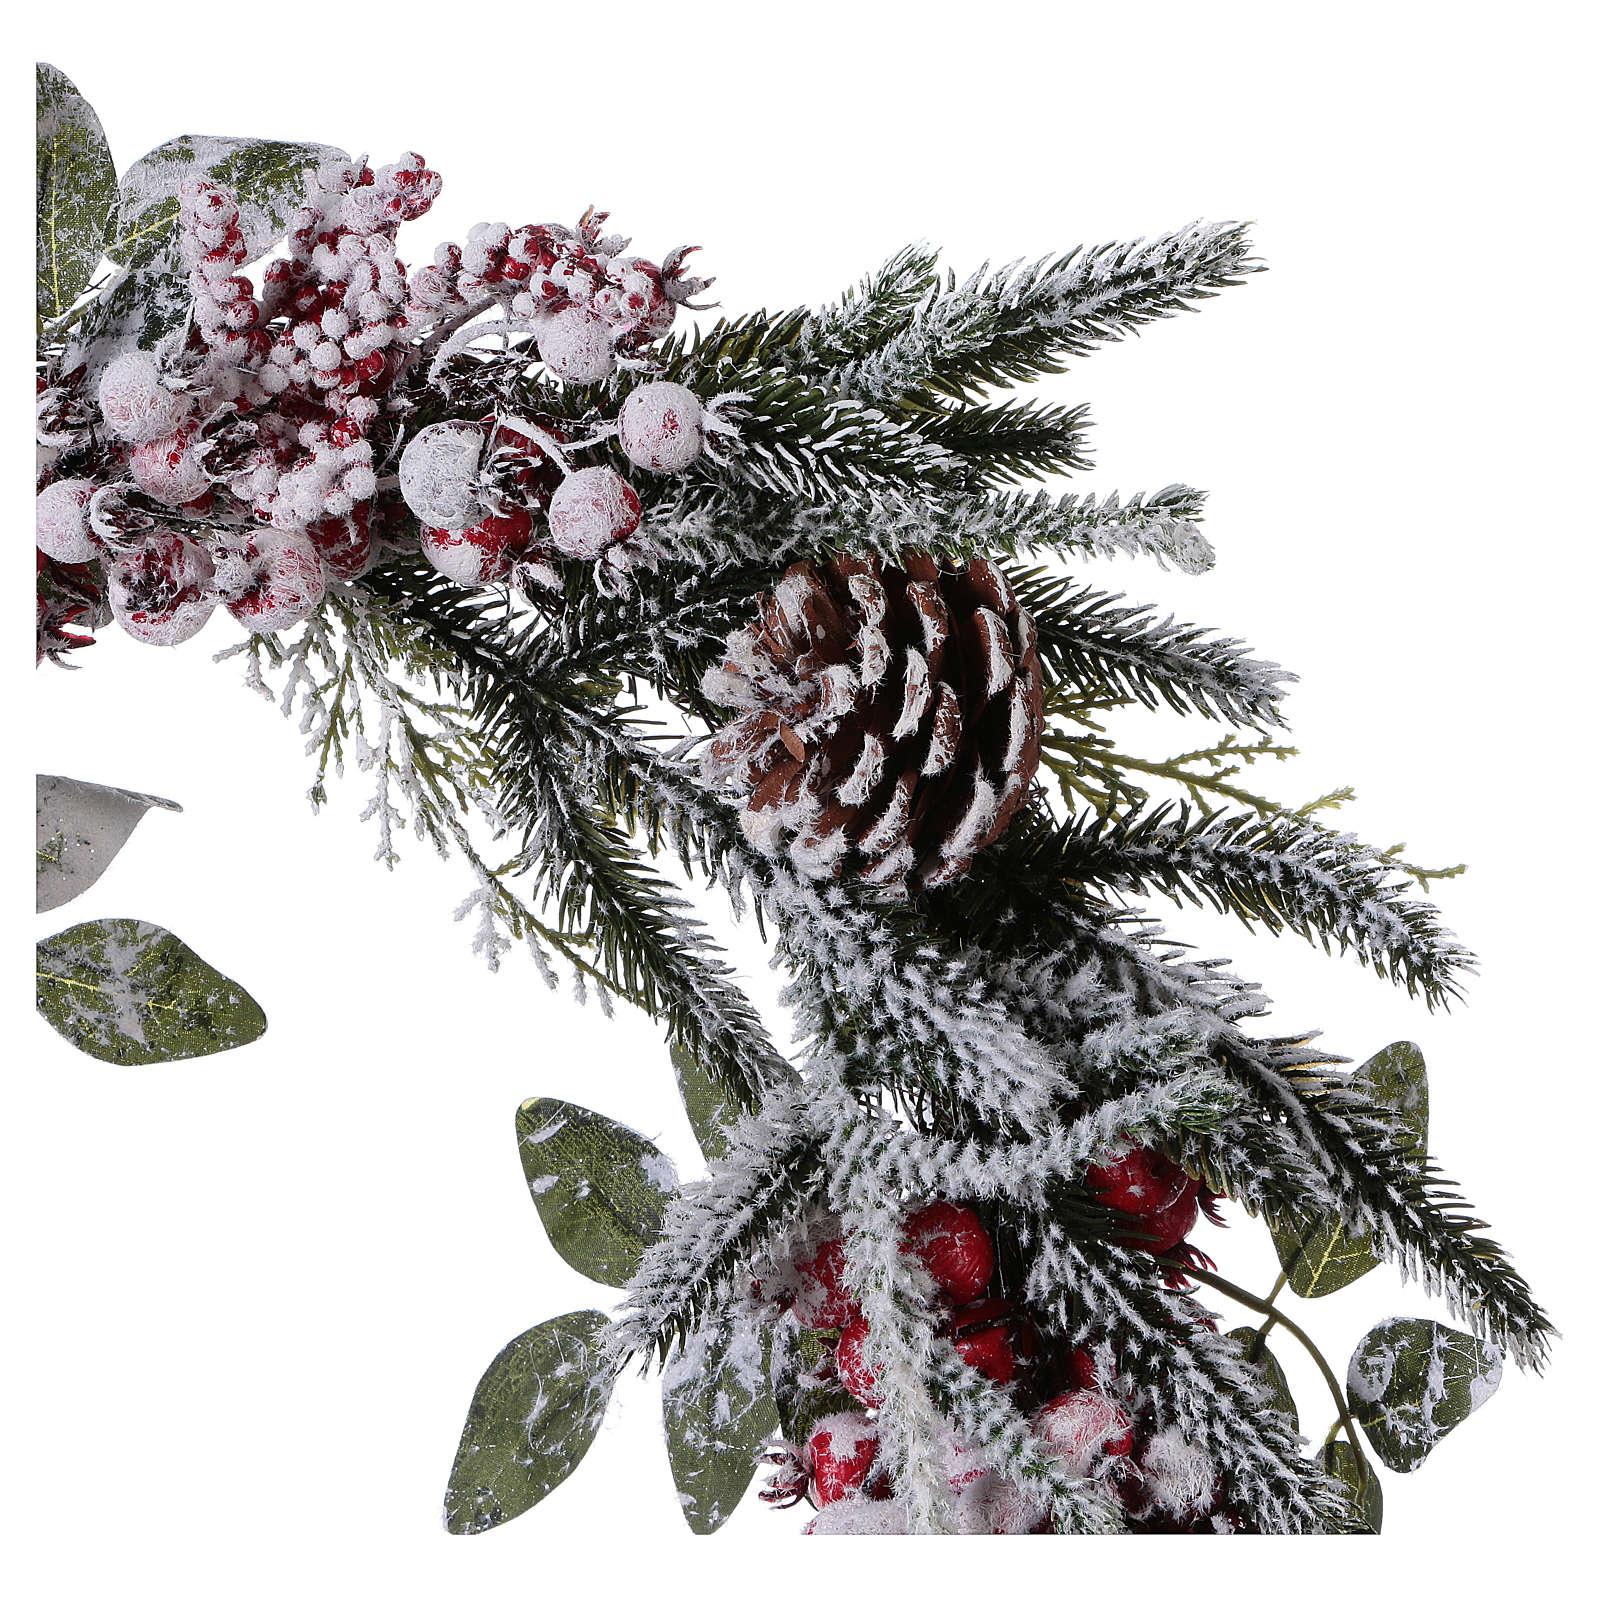 Coroa do Advento Guirlanda de Natal bagas com neve diâm. 50 cm 3